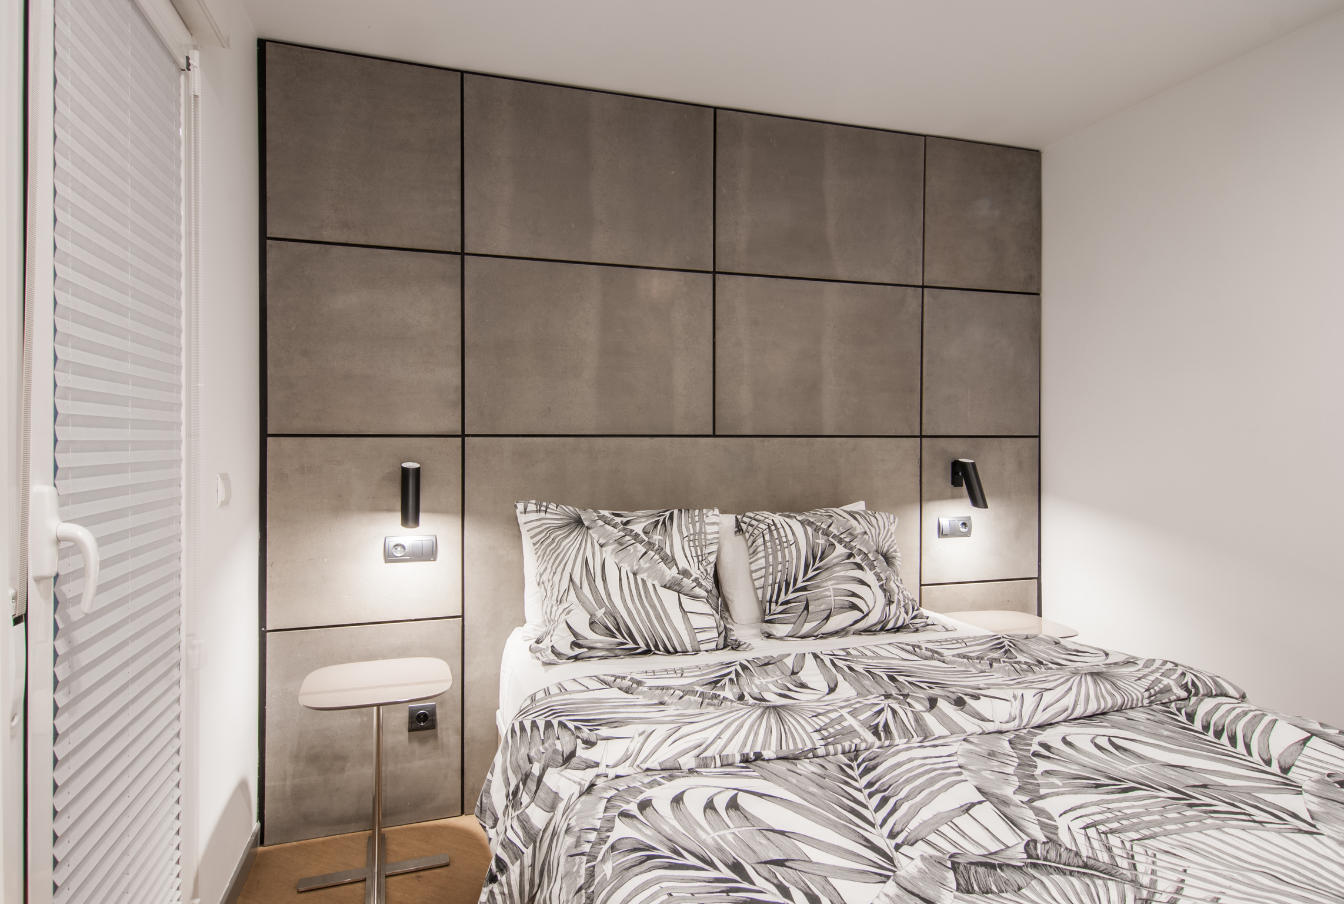 Dormitorio, detalle pared y cama San Vicente Ferrer